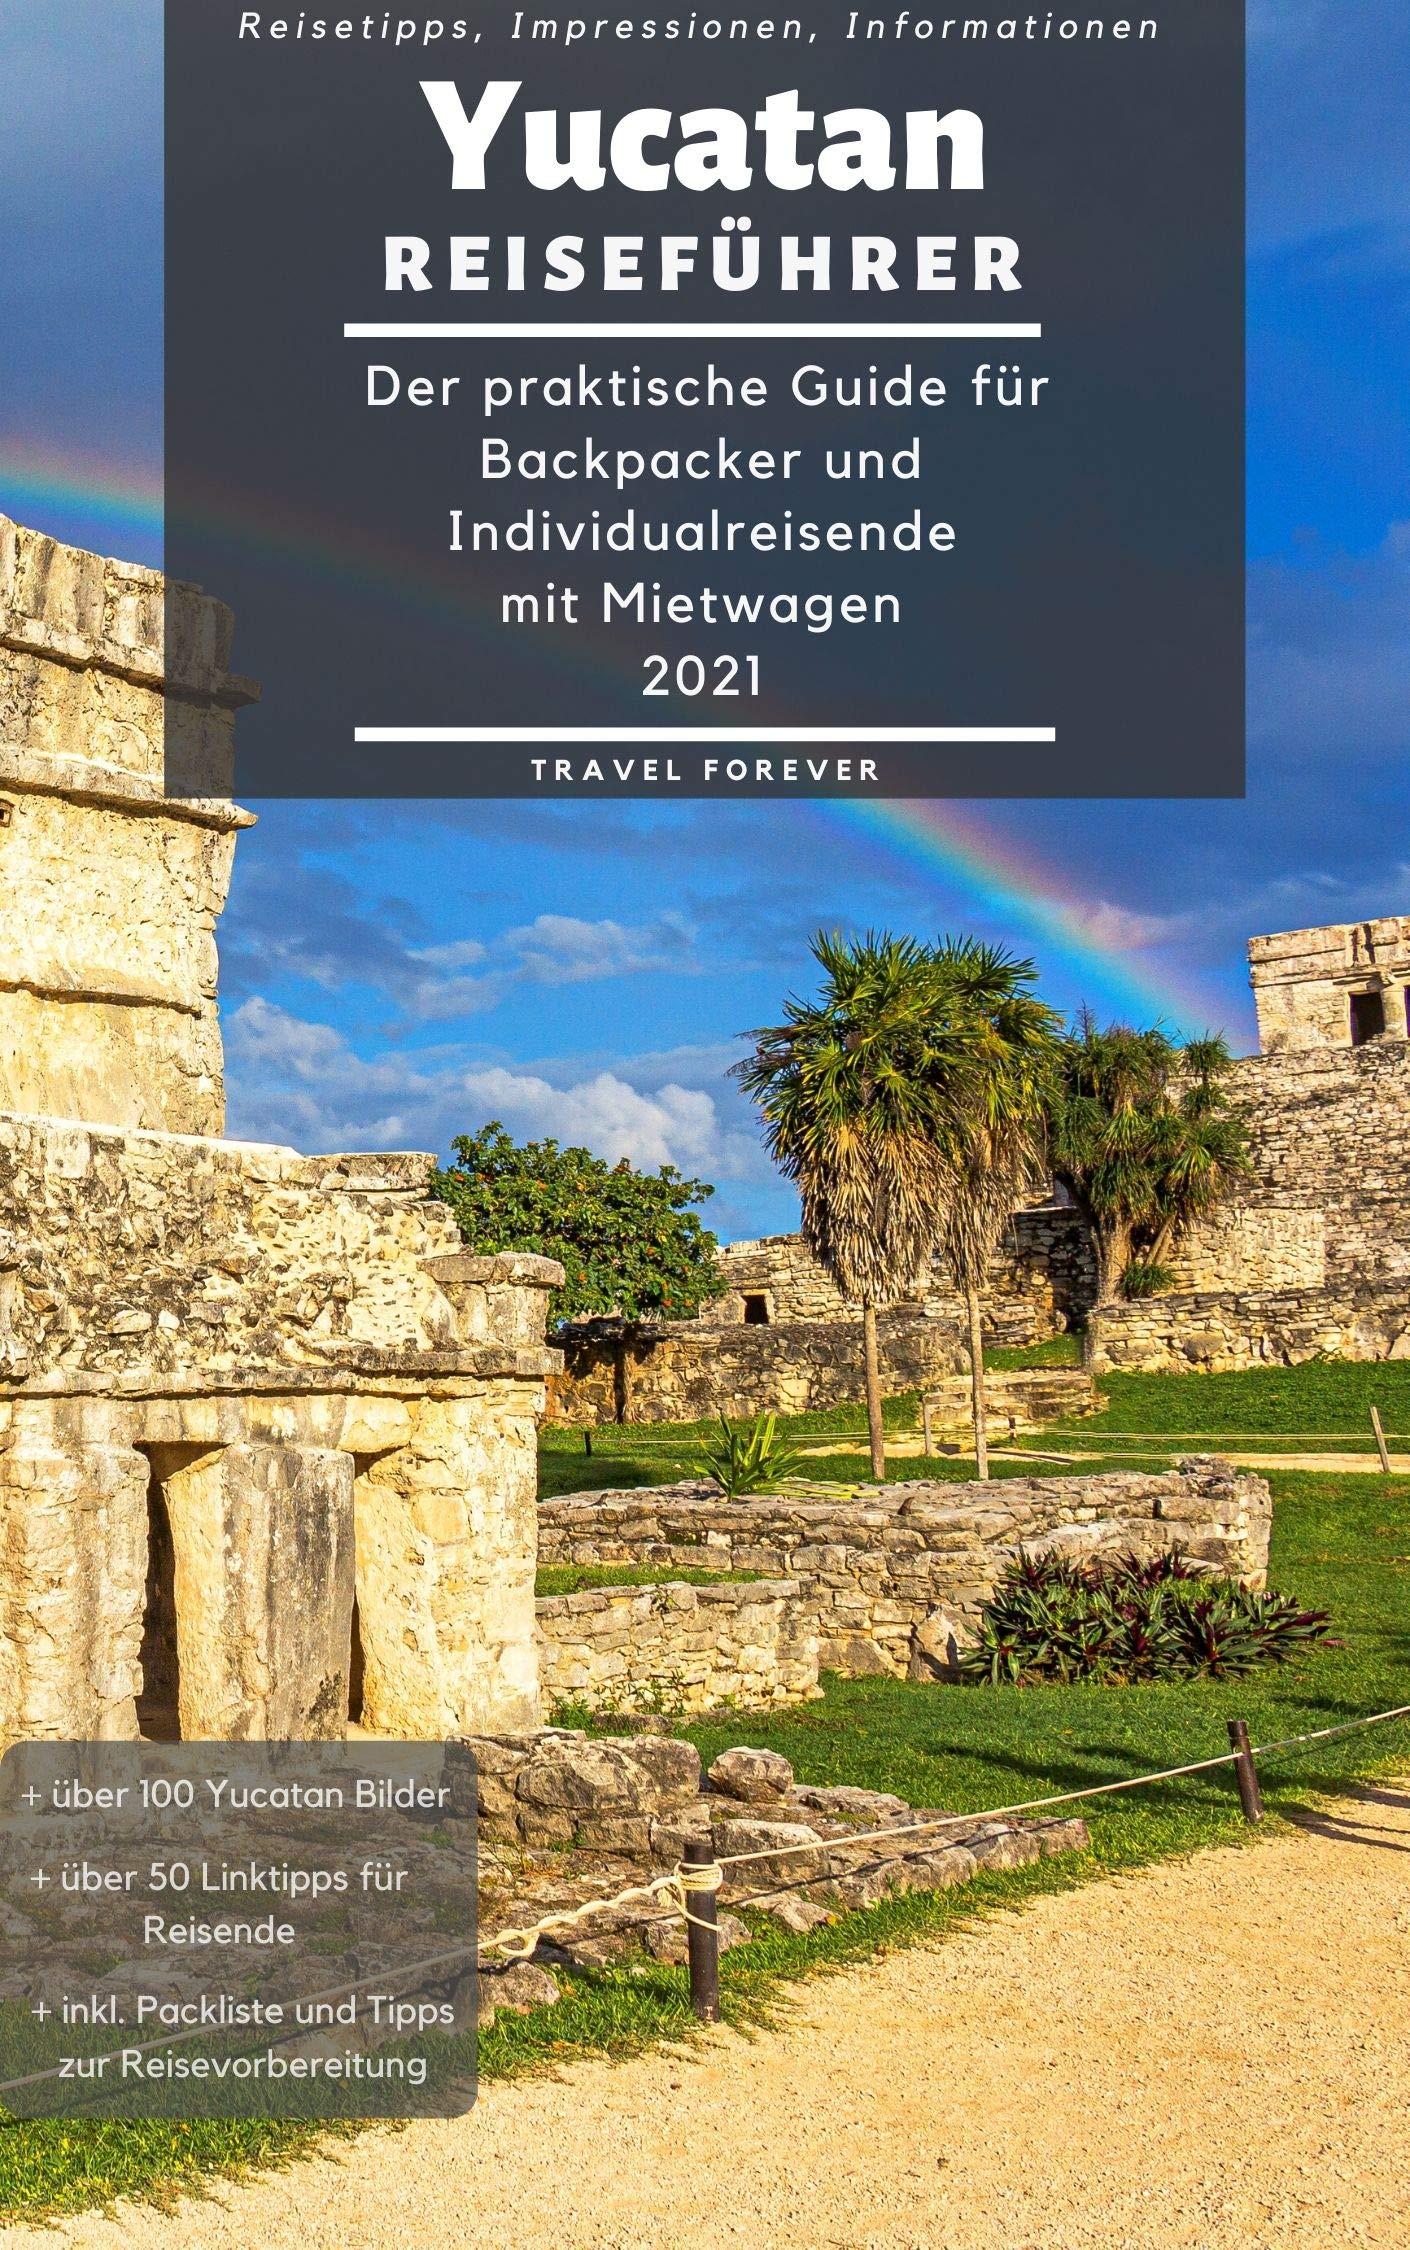 Yucatan Reiseführer - Der praktische Guide für Backpacker & Individualreisende mit Mietwagen 2021: Reiseroute + Karte, Reisetipps (inkl. Hotels) & Impressionen ... Yucatan Trip + 100 Bilder